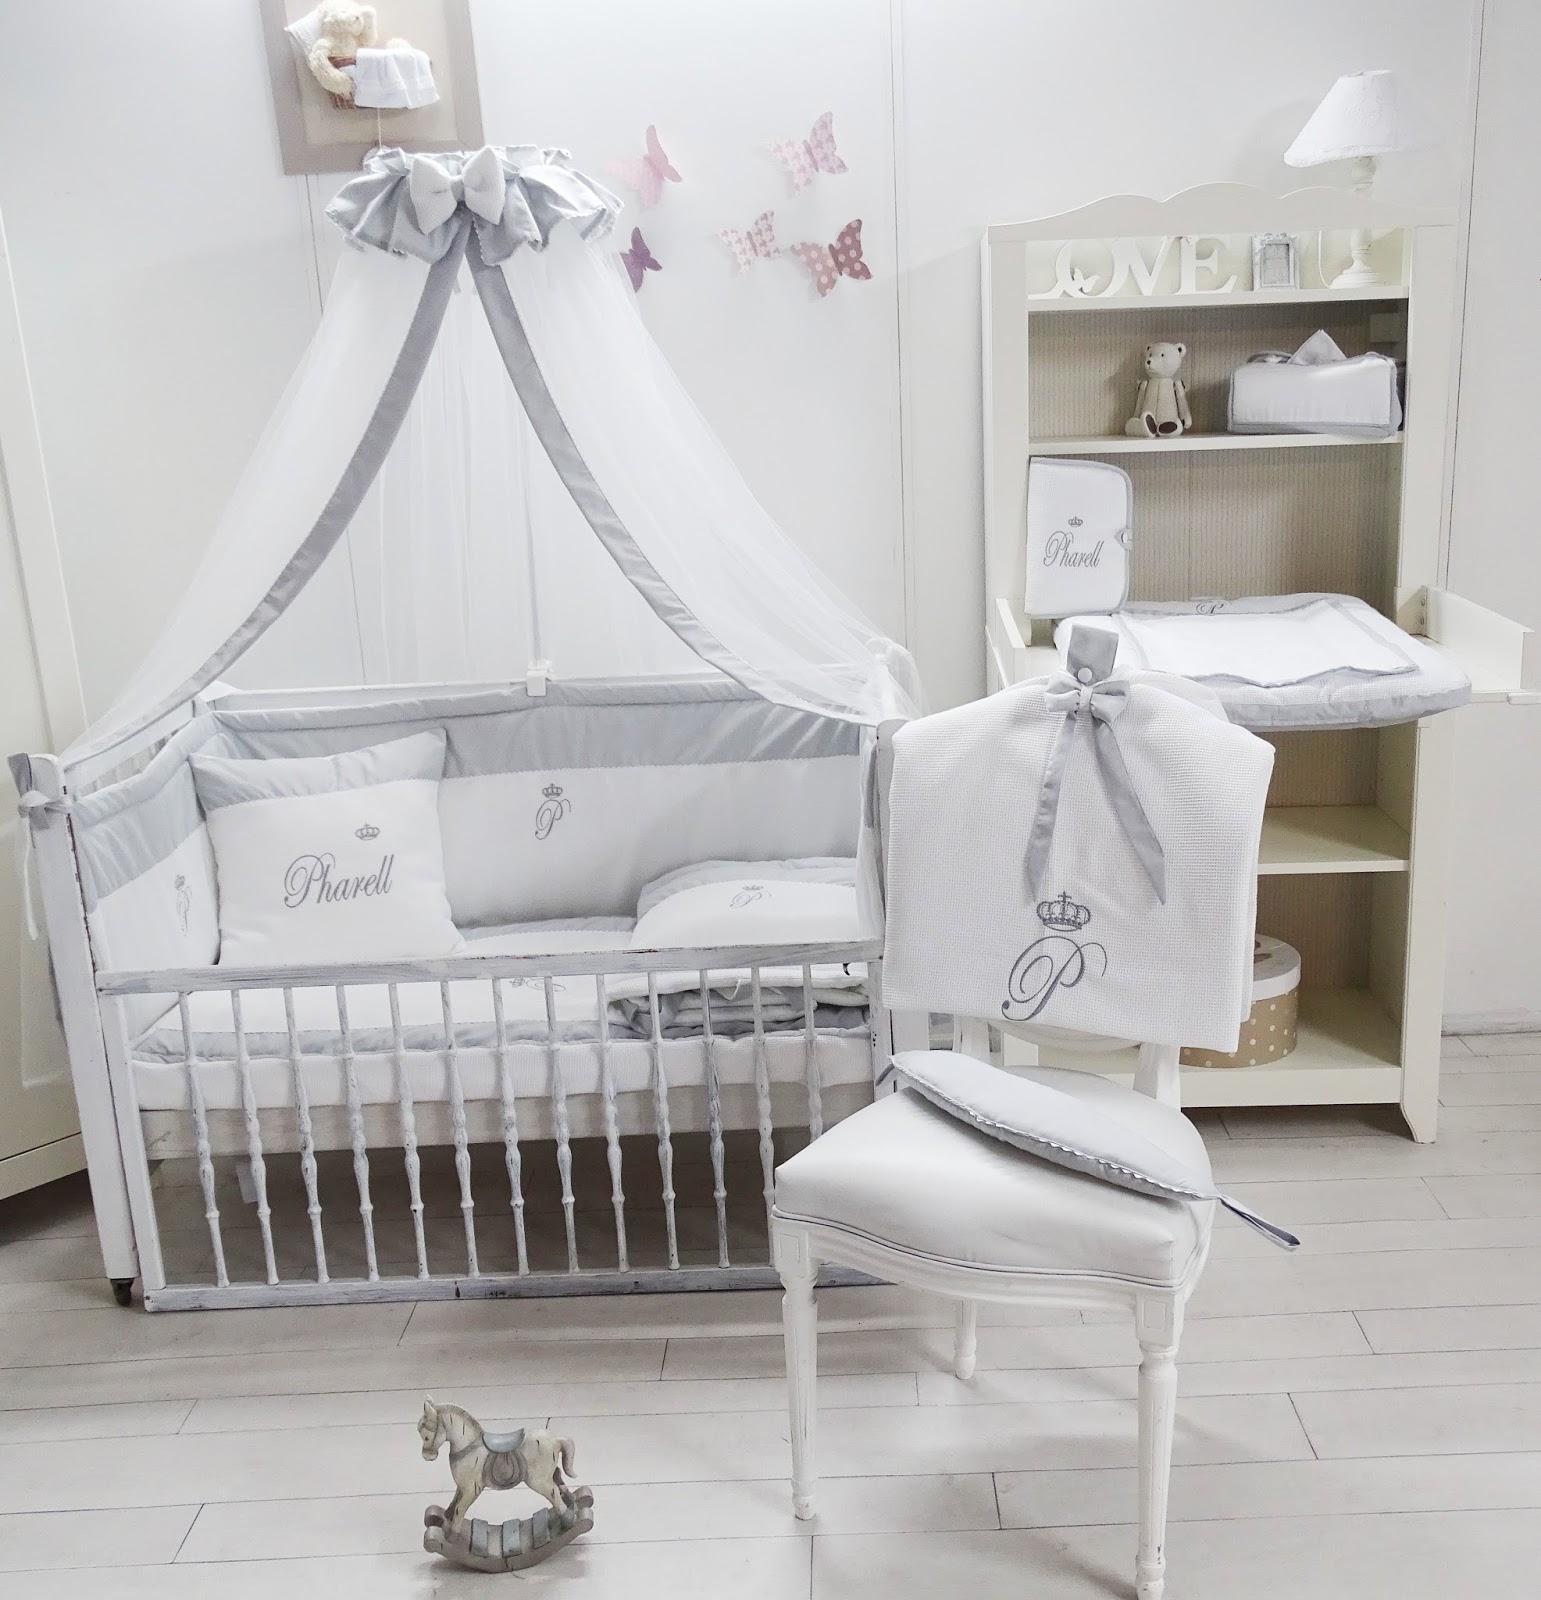 parure de lit bb pas cher cool parure de lit bb pas cher with parure de lit bb pas cher. Black Bedroom Furniture Sets. Home Design Ideas